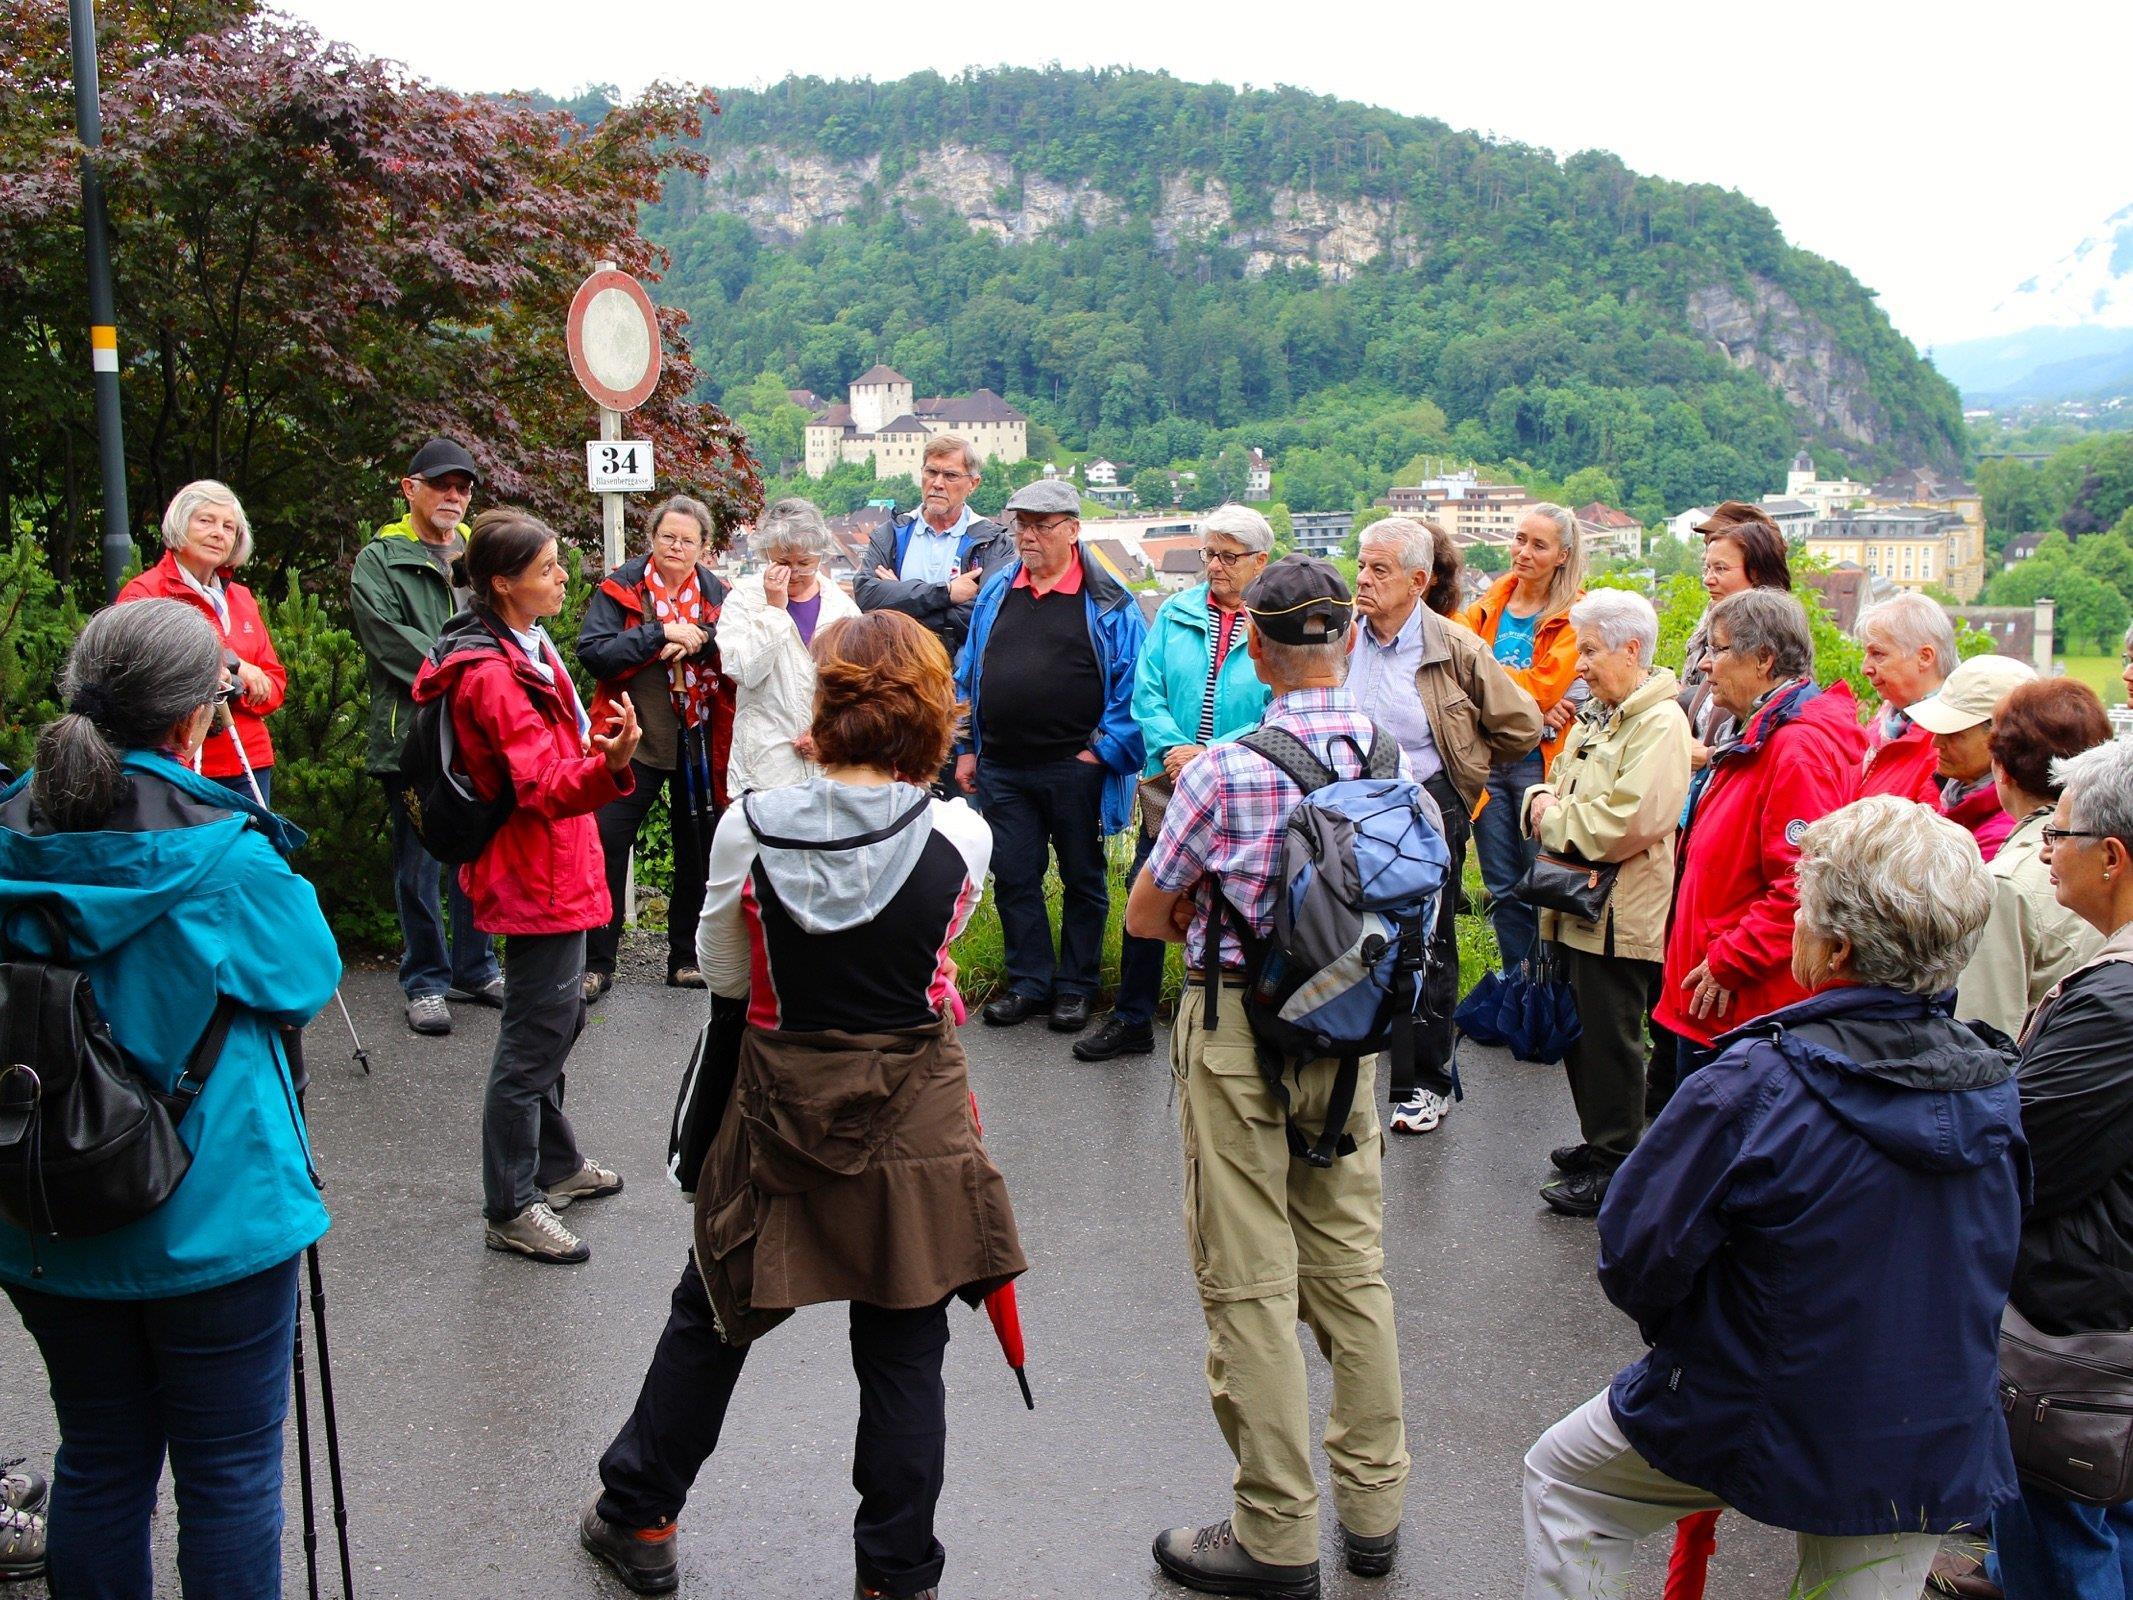 Die geführte Wanderung zum Feldkircher Naturjuwel am Margarethenkapf stieß auf großes Interesse bei den Seniorinnen.